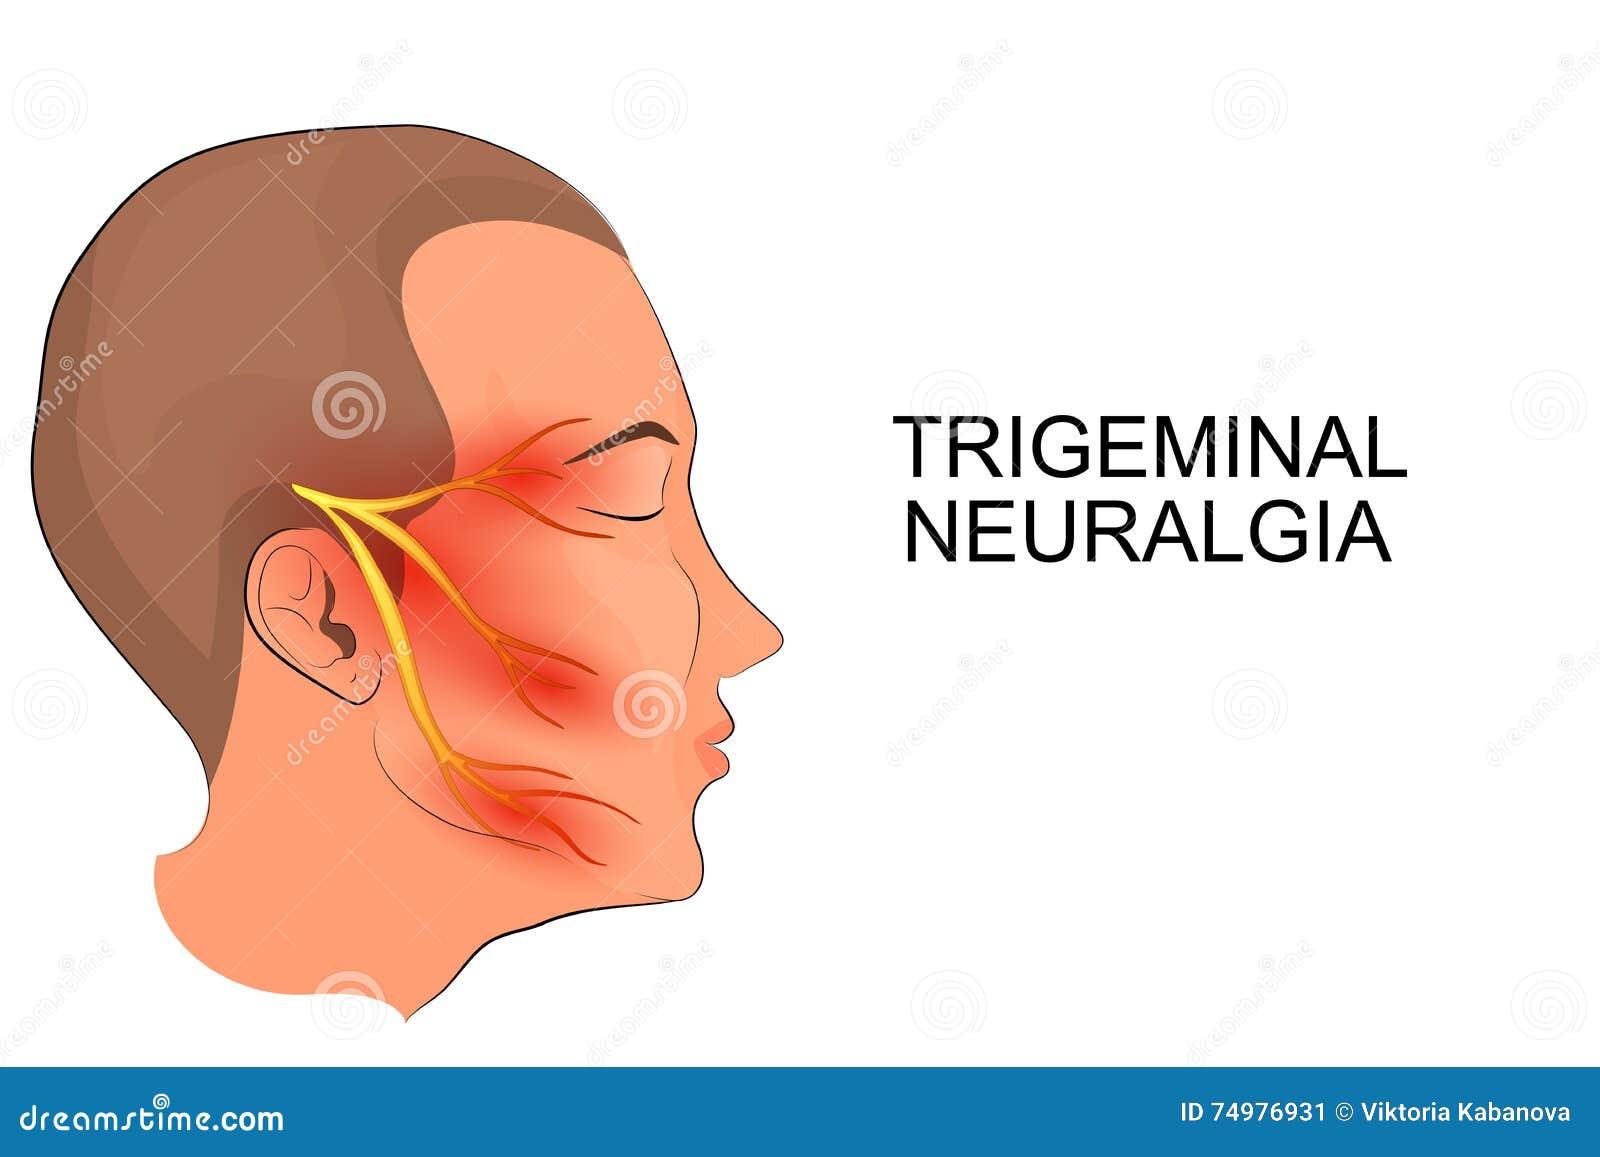 Затылочный нерв, воспаление: симптомы и лечение 34